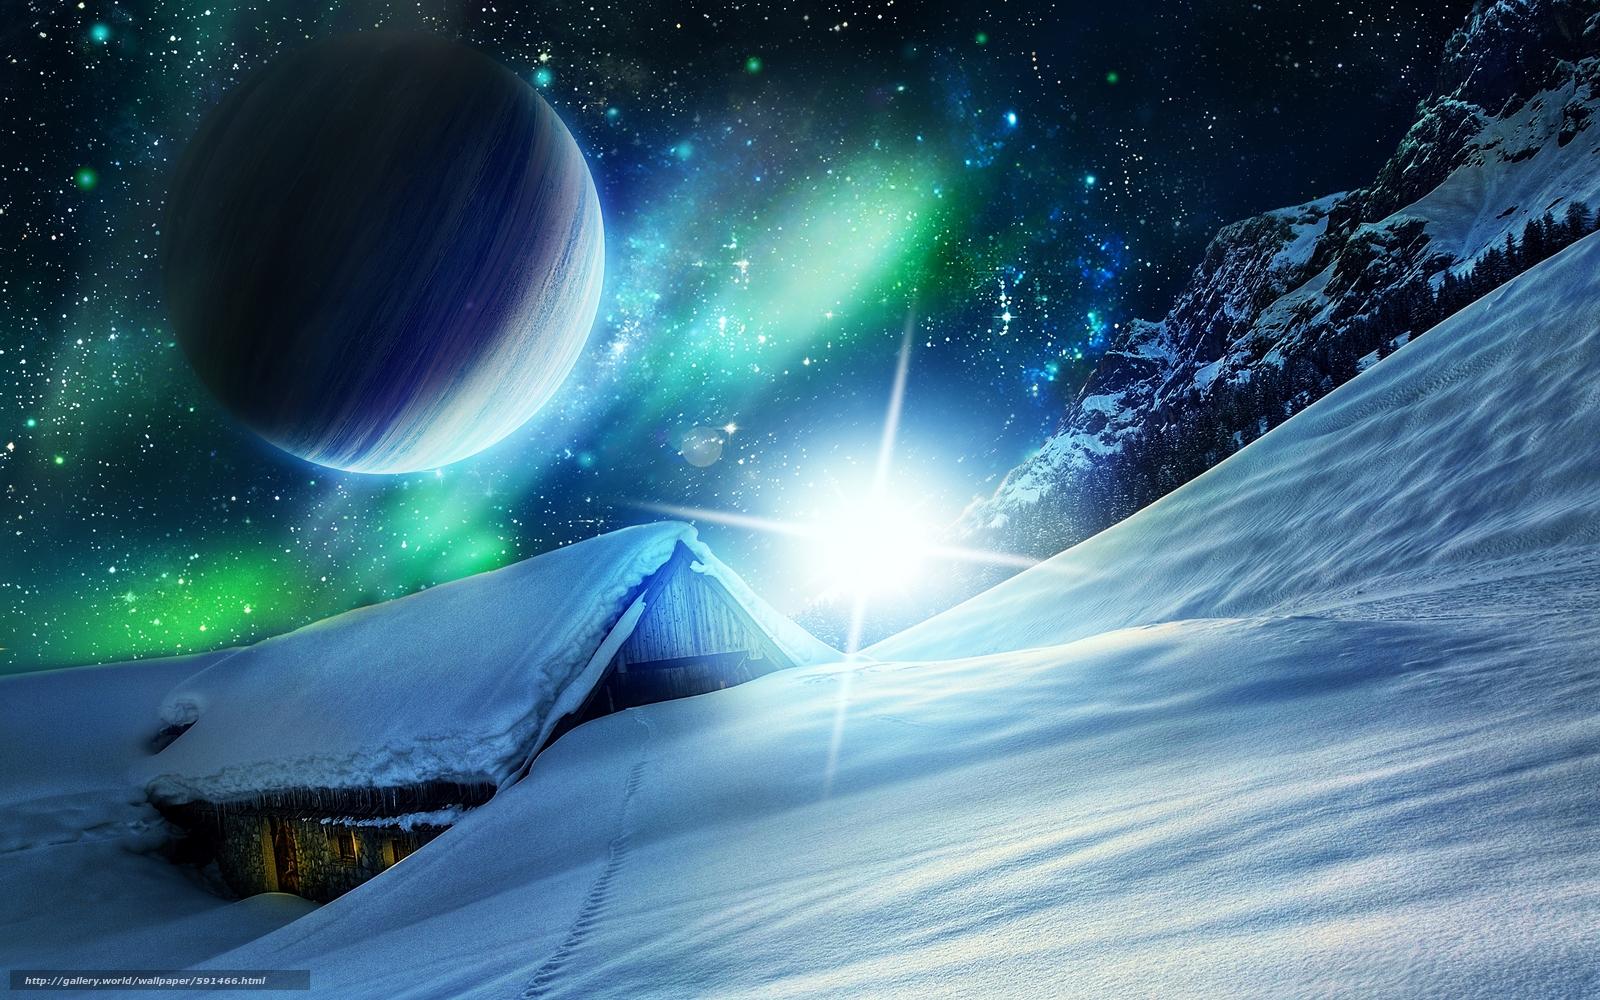 Скачать обои планета,  космос,  3d,  art бесплатно для рабочего стола в разрешении 4000x2500 — картинка №591466